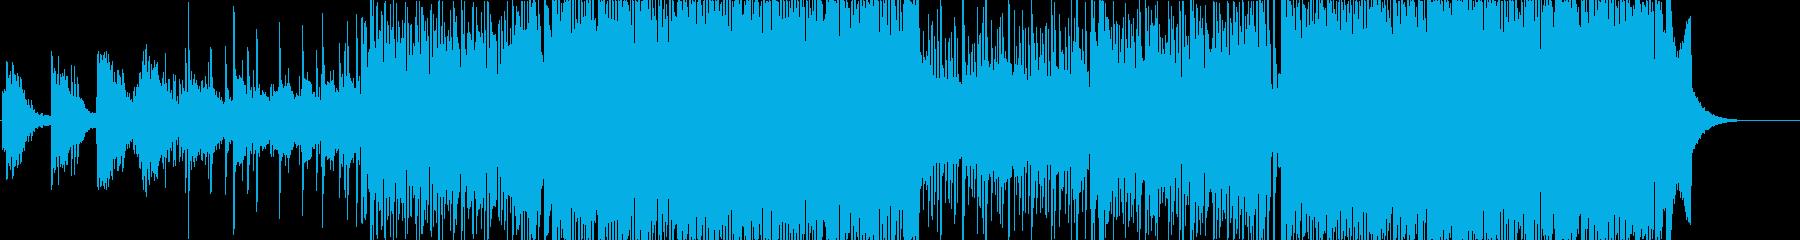 疾走感のある80年代サウンド①の再生済みの波形